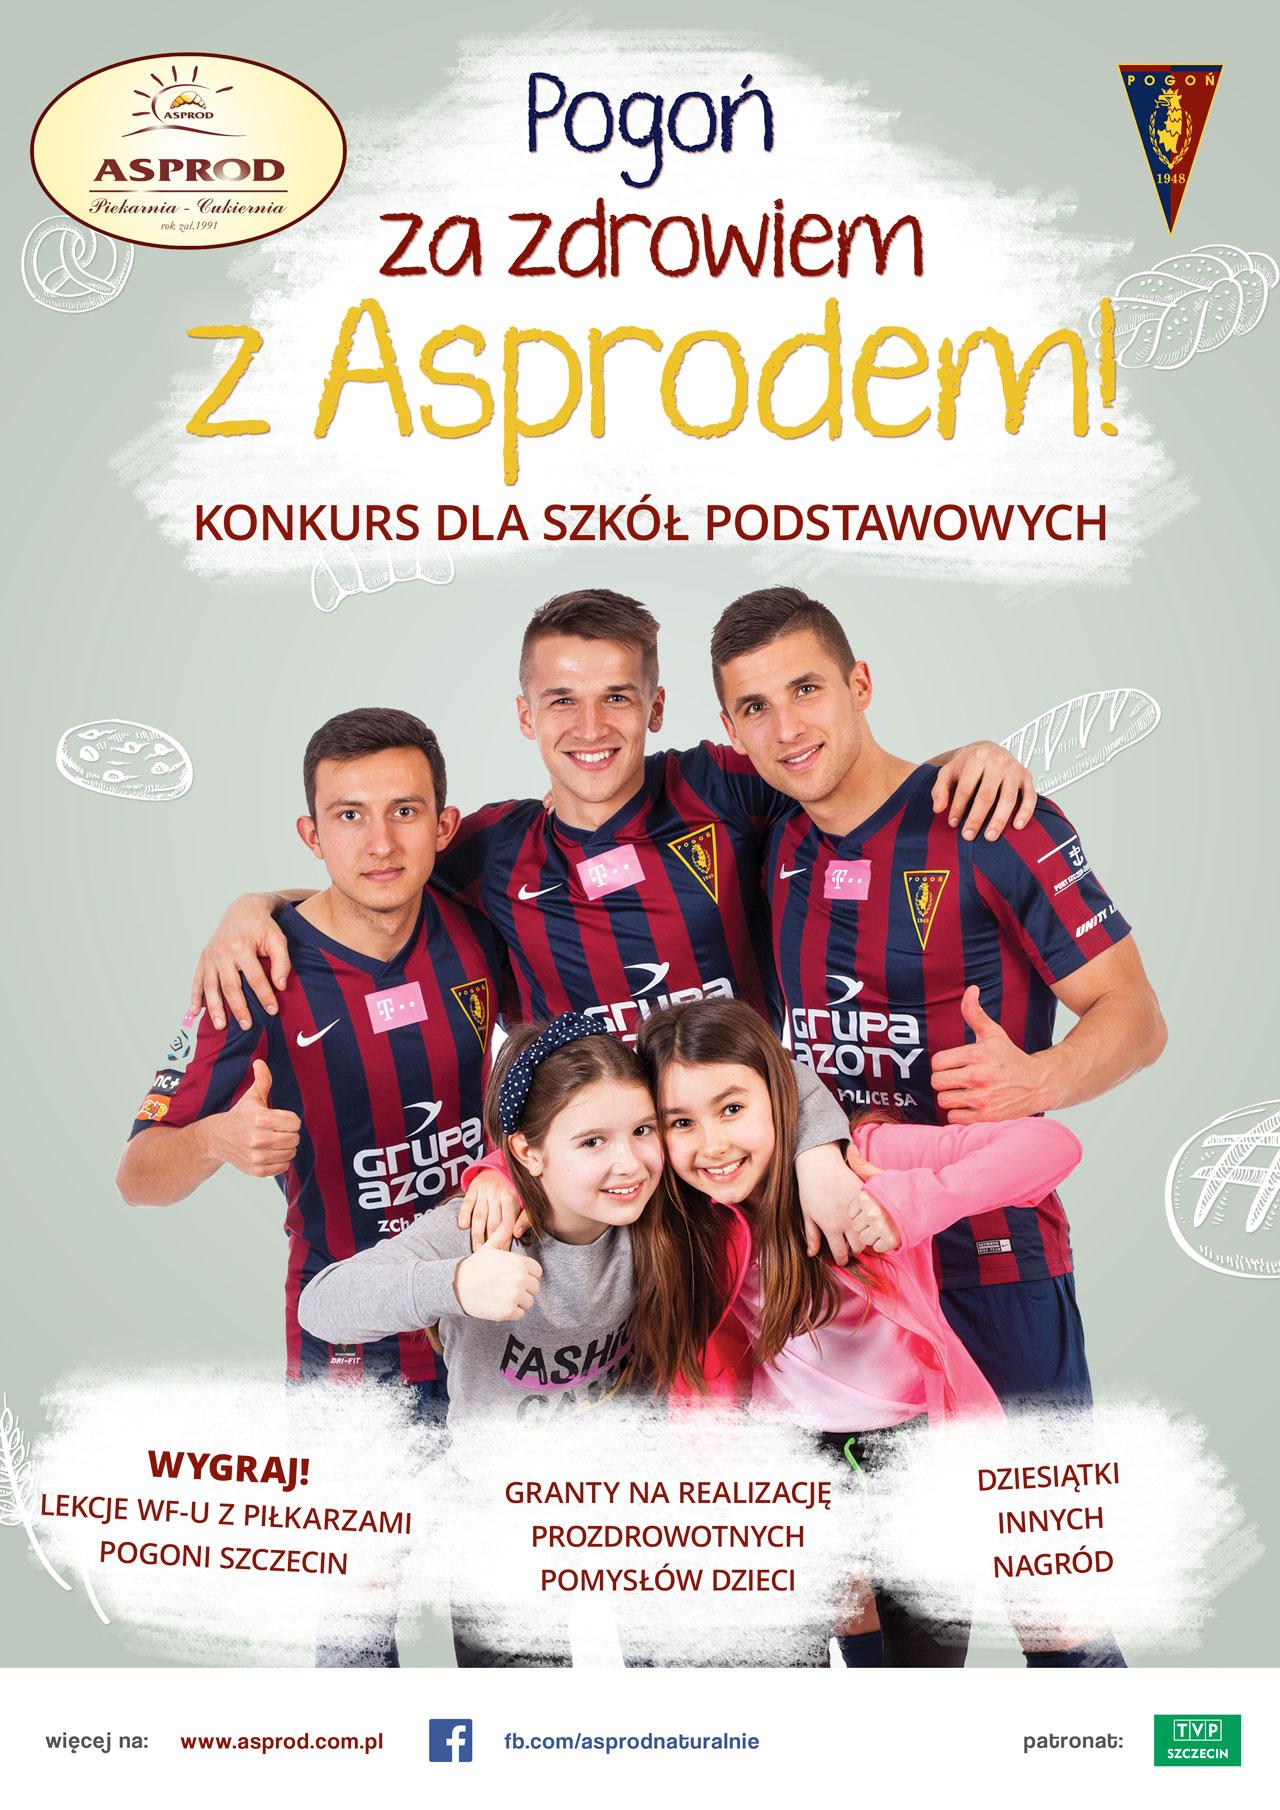 Co zrobić, aby spędzić WF z piłkarzami Pogoni Szczecin?